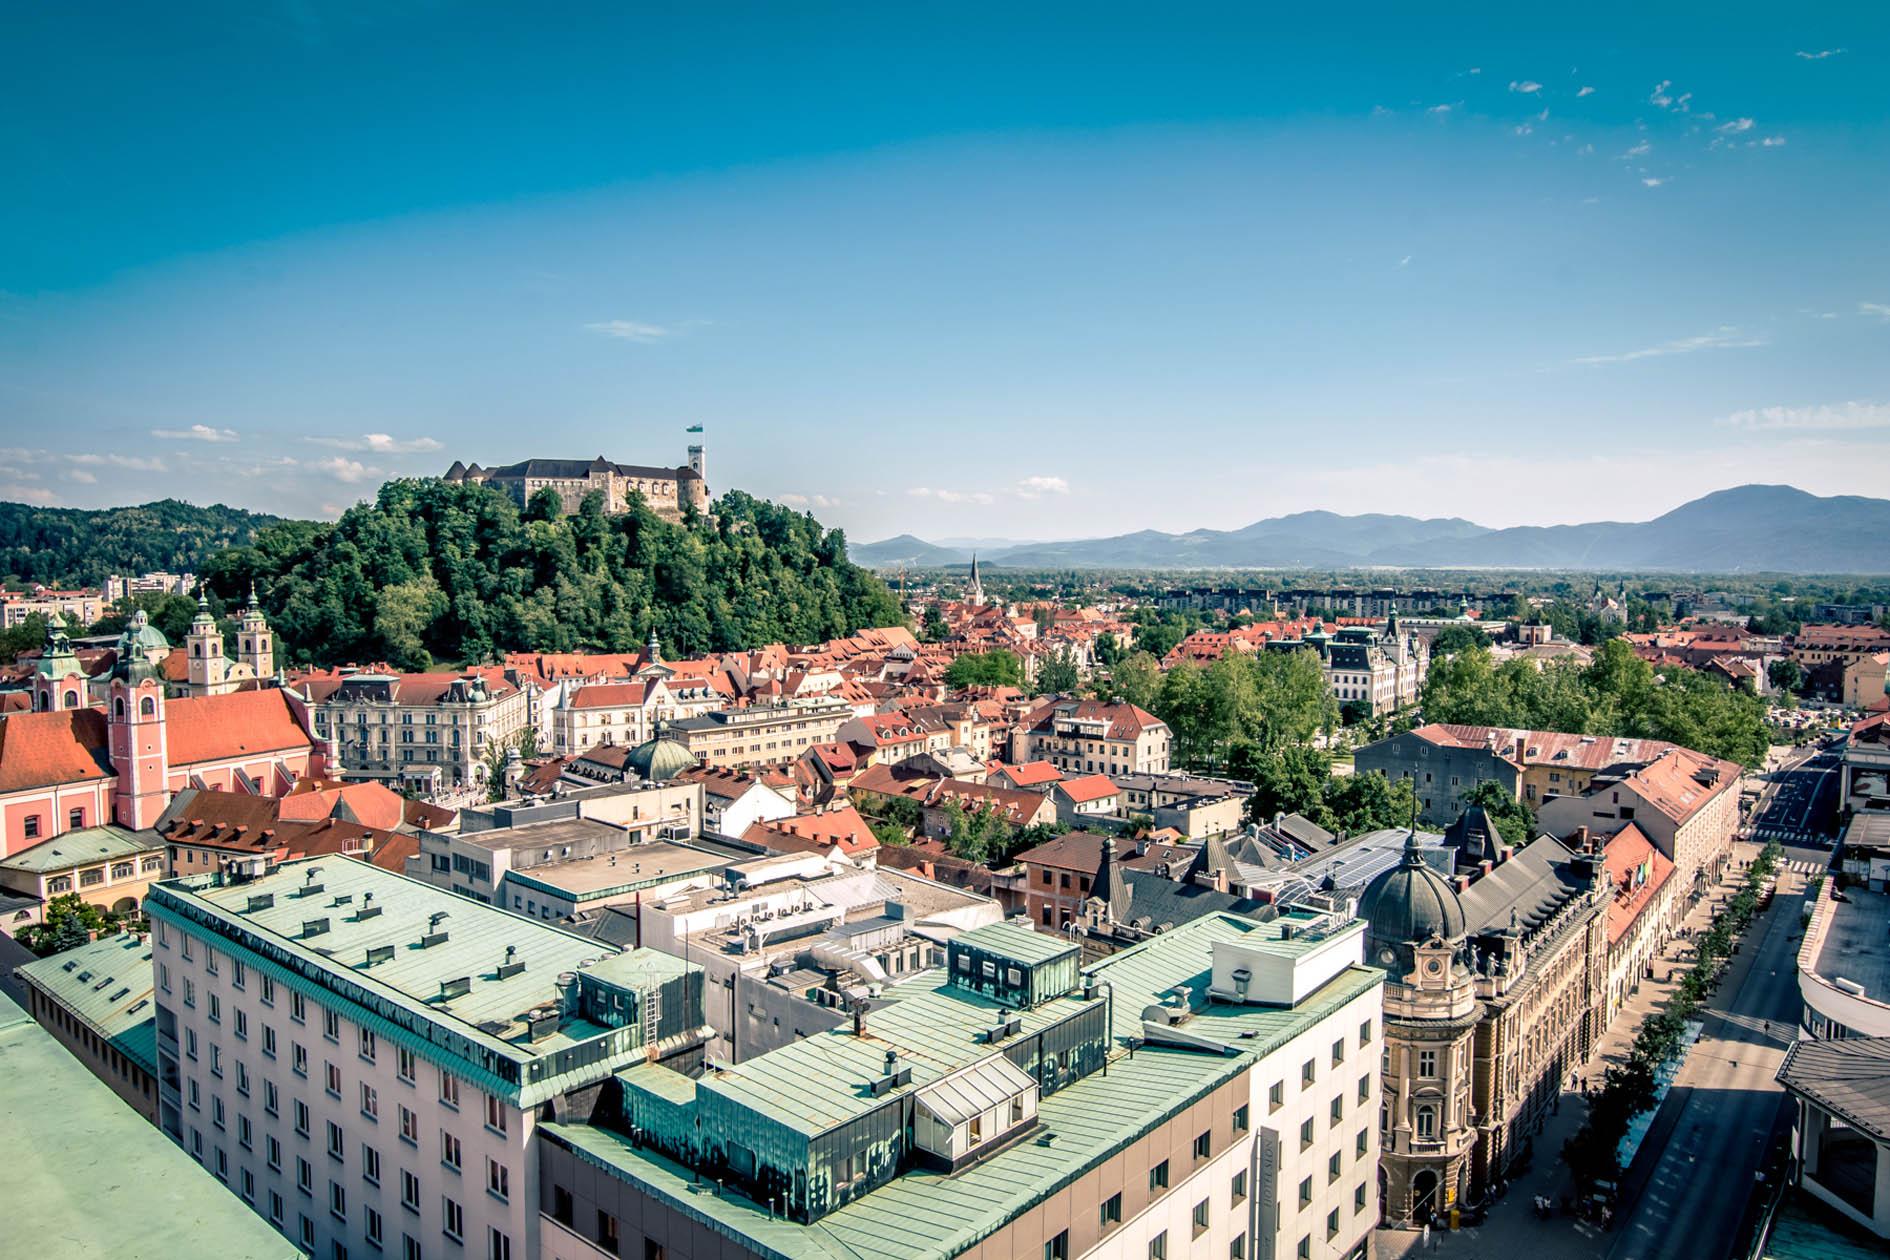 Ljubliana City